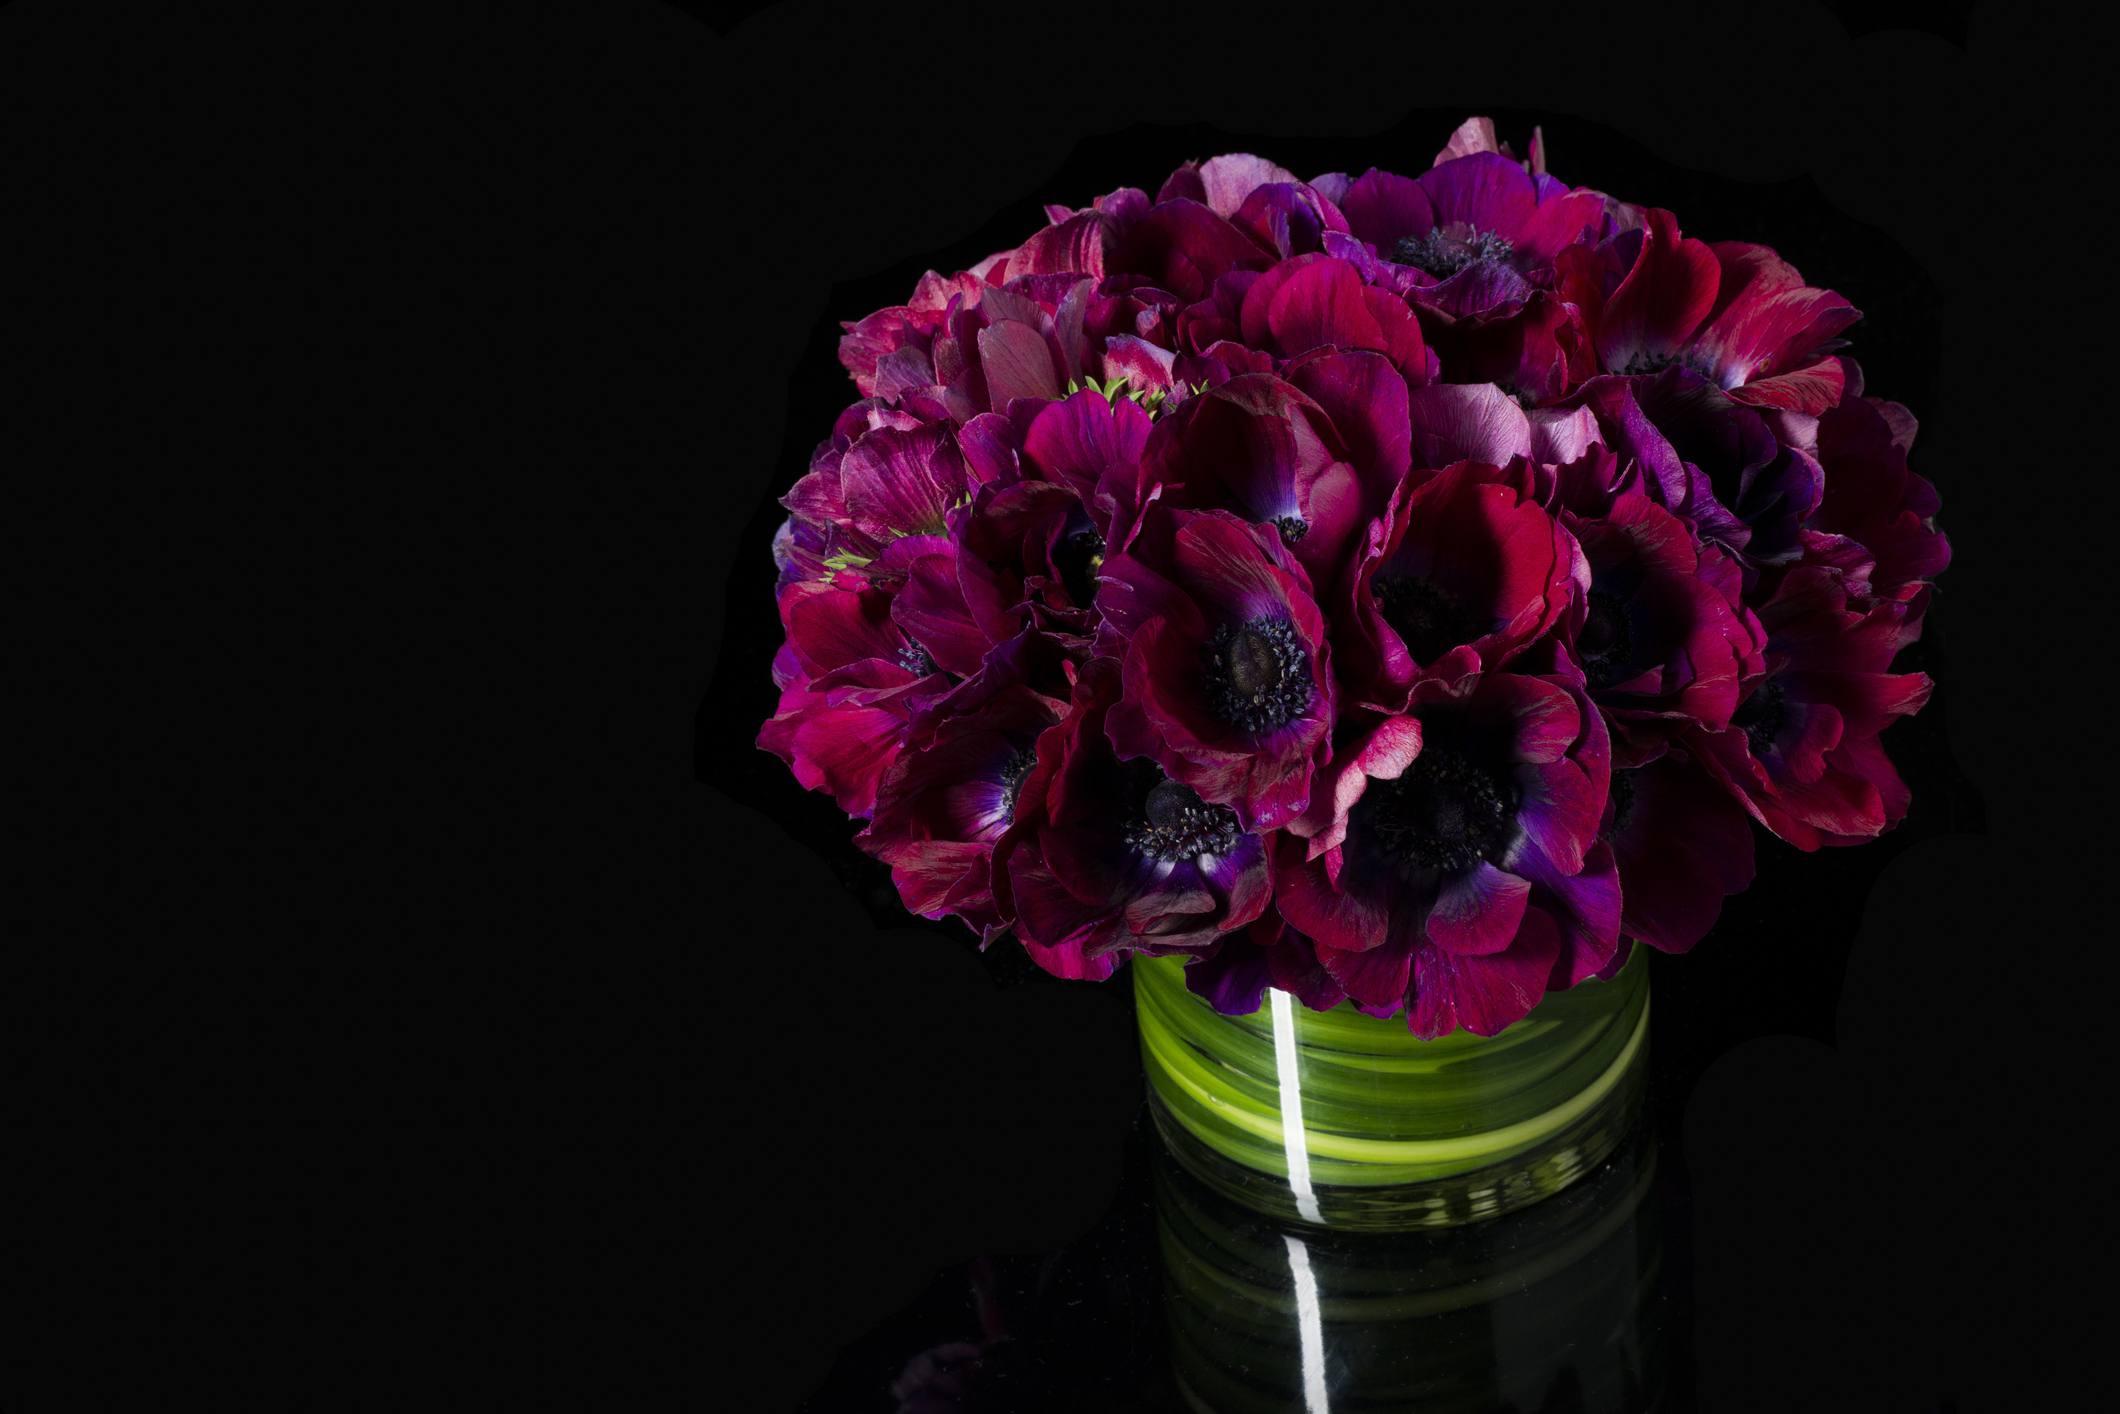 Bouquet of Purple Poppy Flowers in Vase